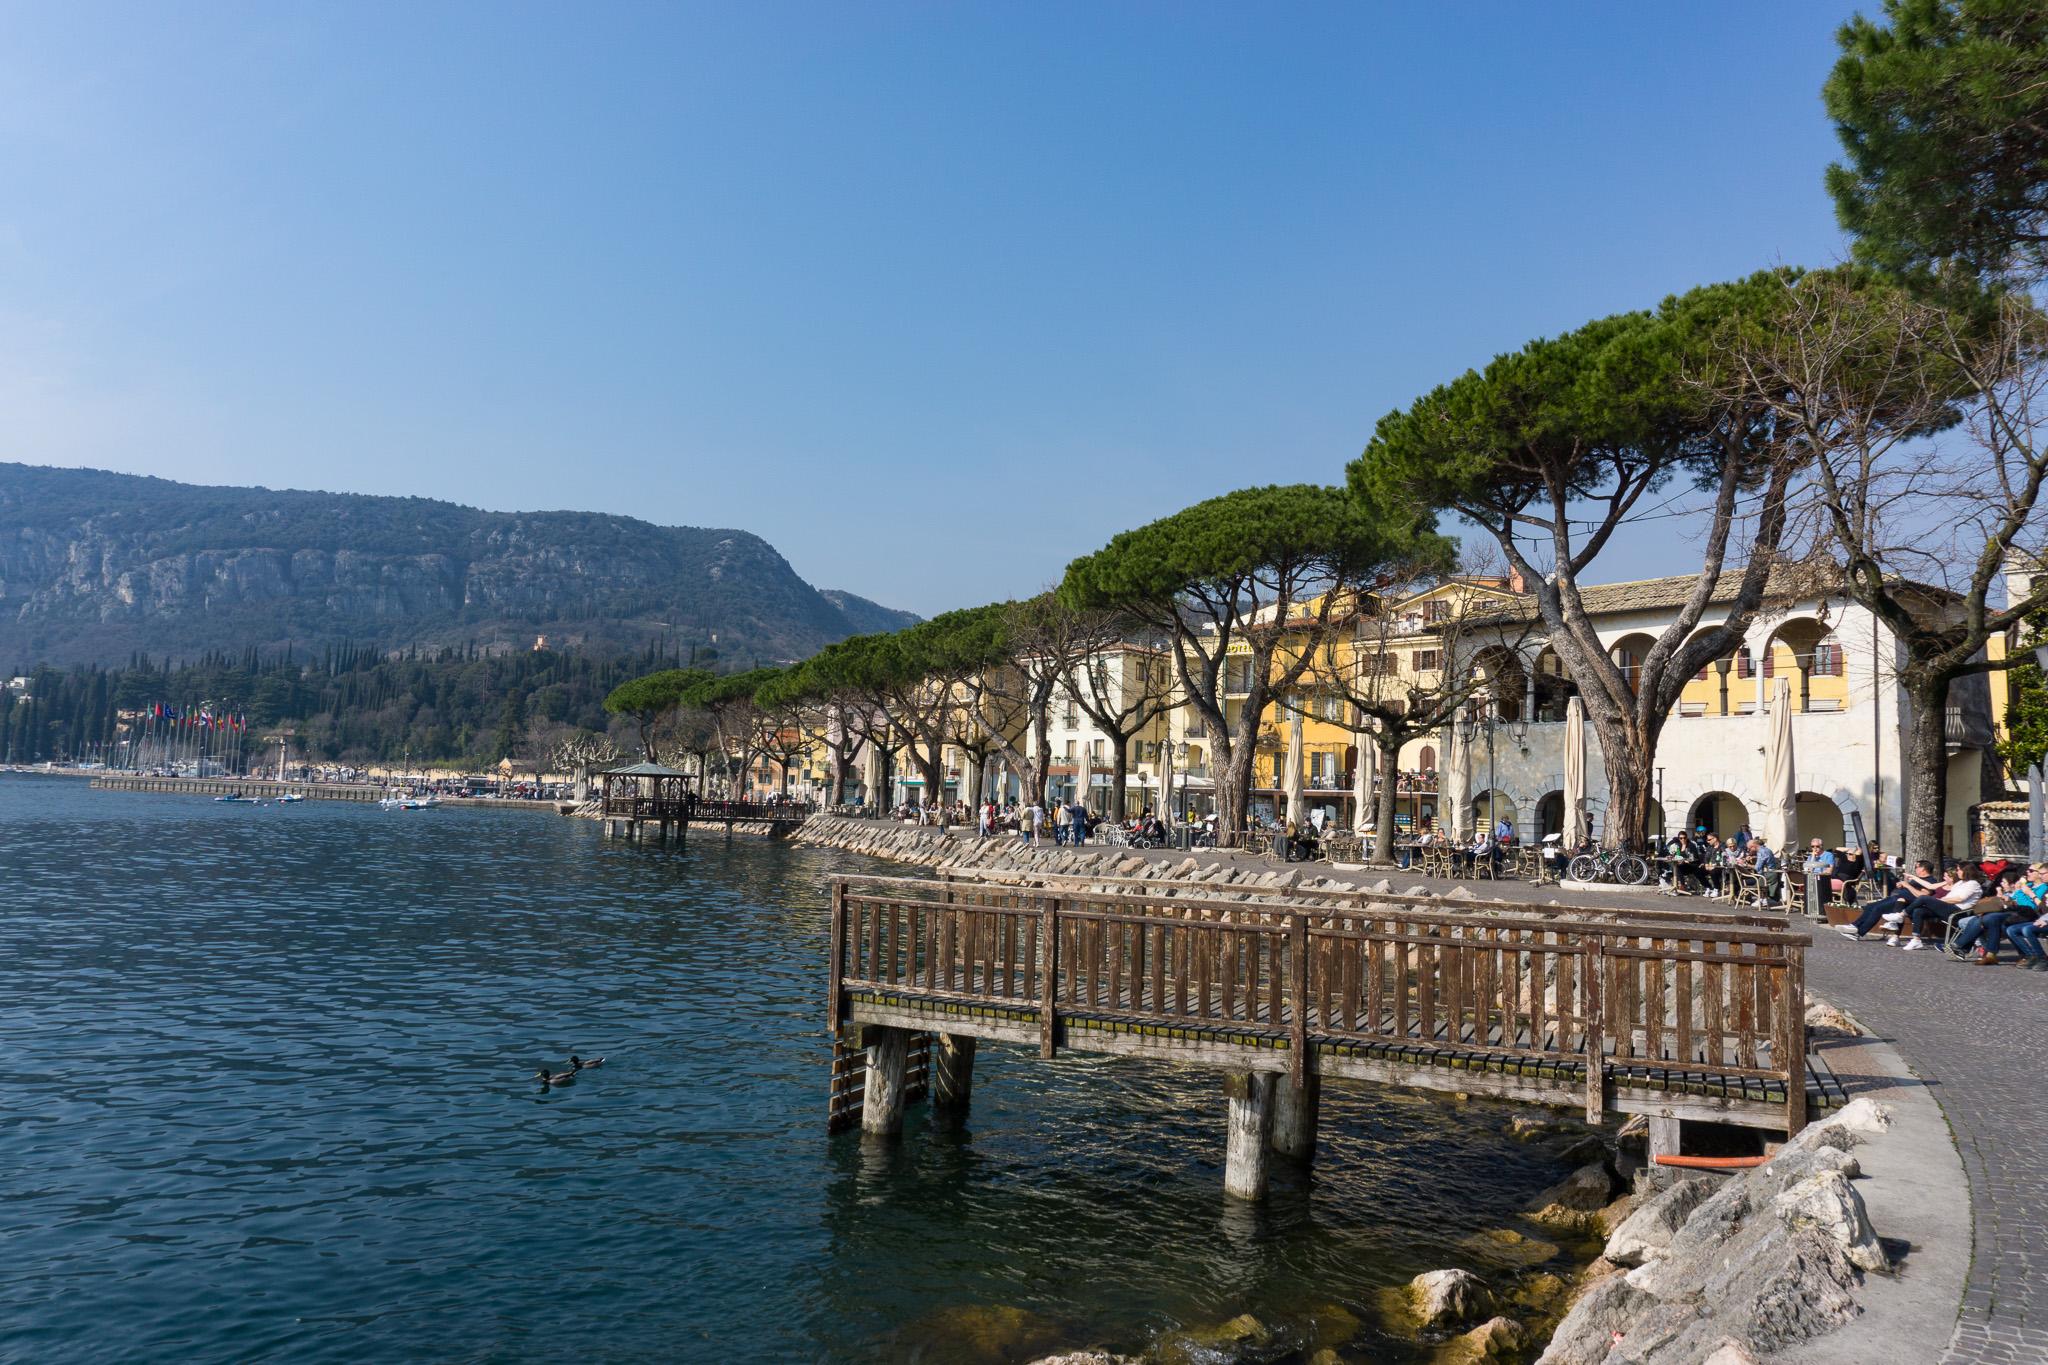 Garda Promenade